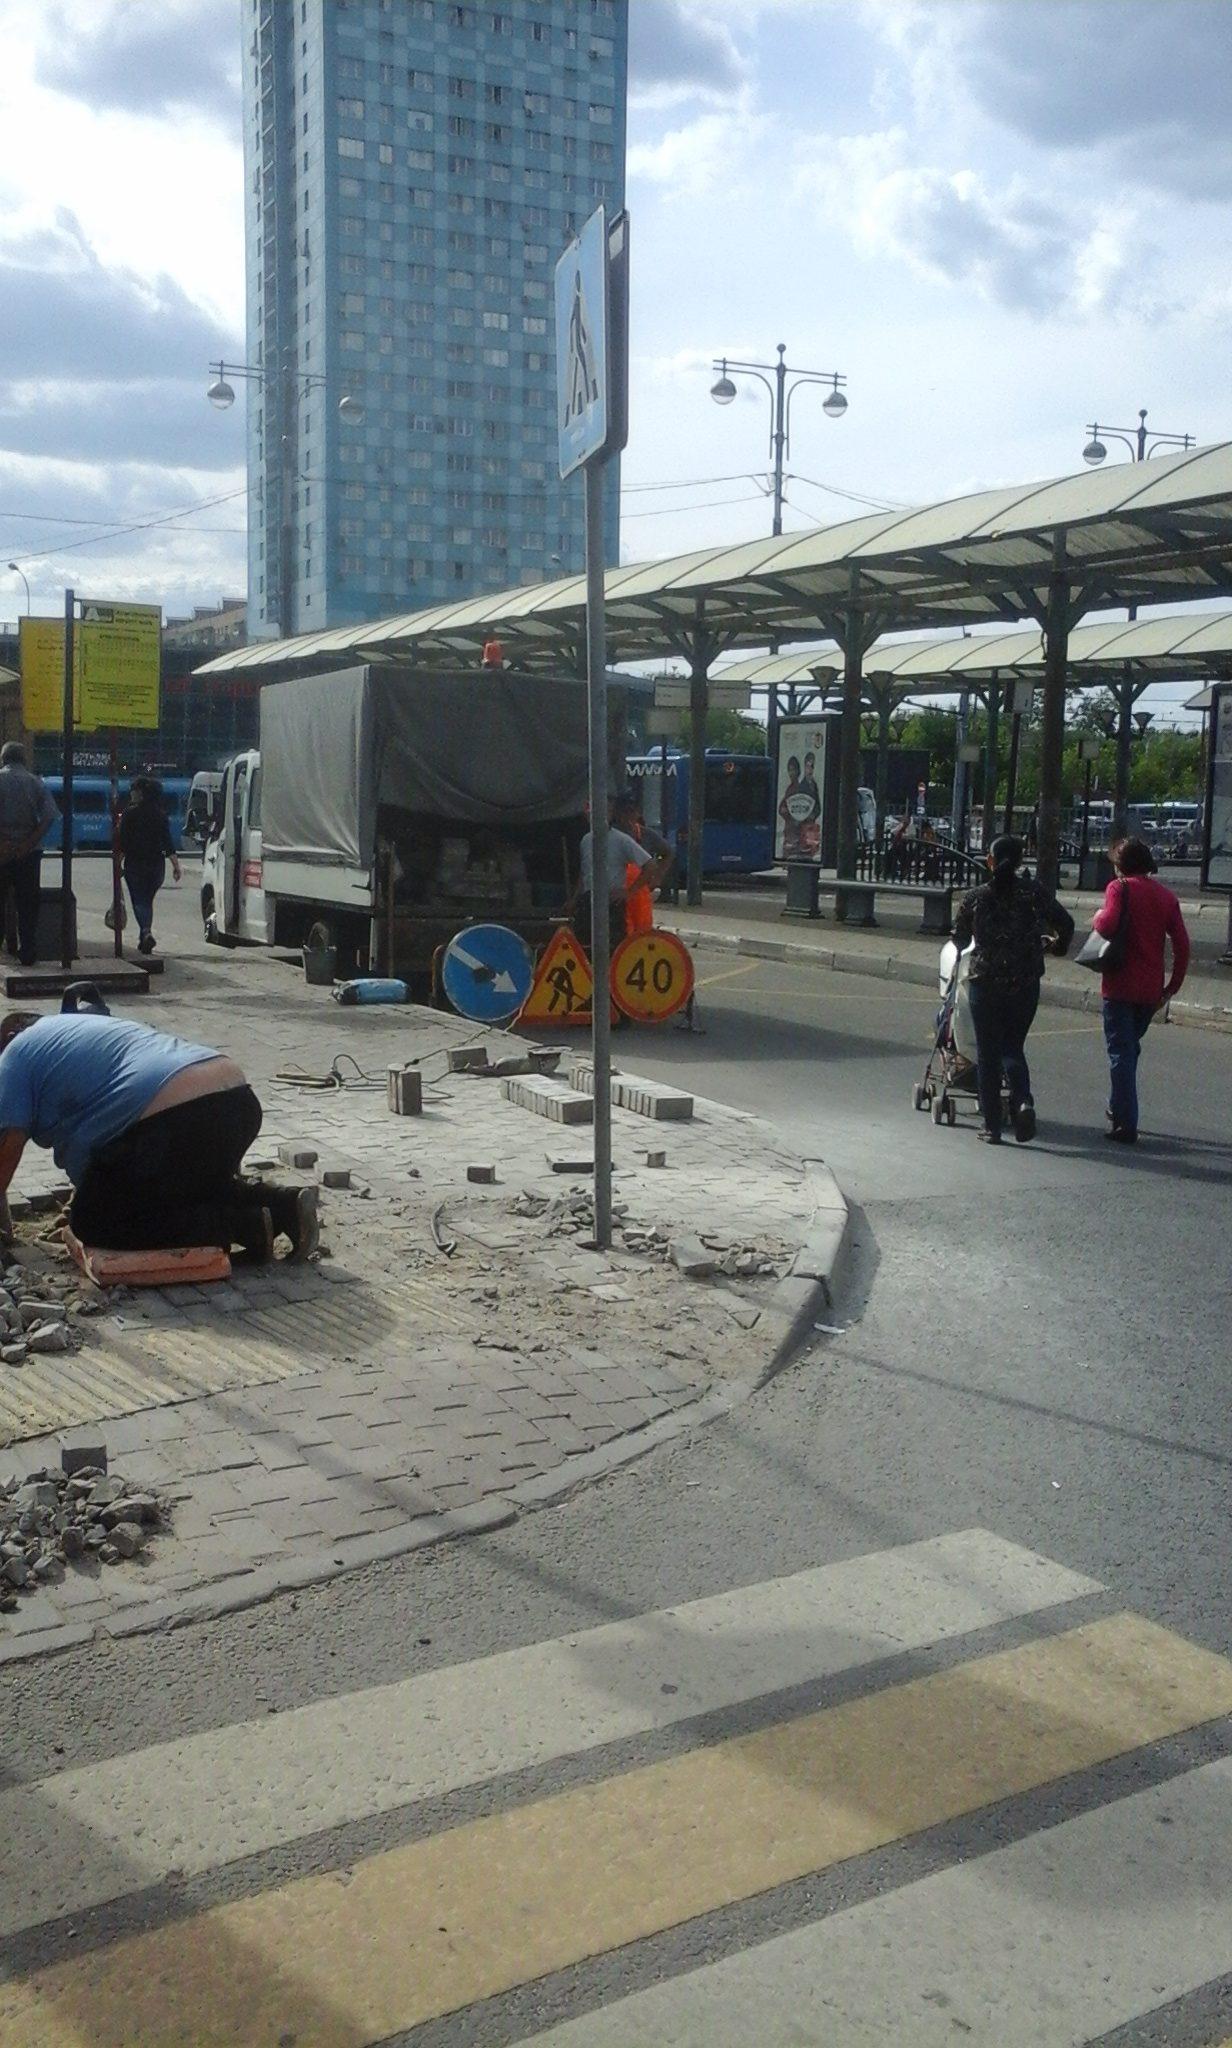 ГБУ АВТОДОР СЗАО подвергает опасности прохожих, которые проходят рядом с зоной ремонта тротуара